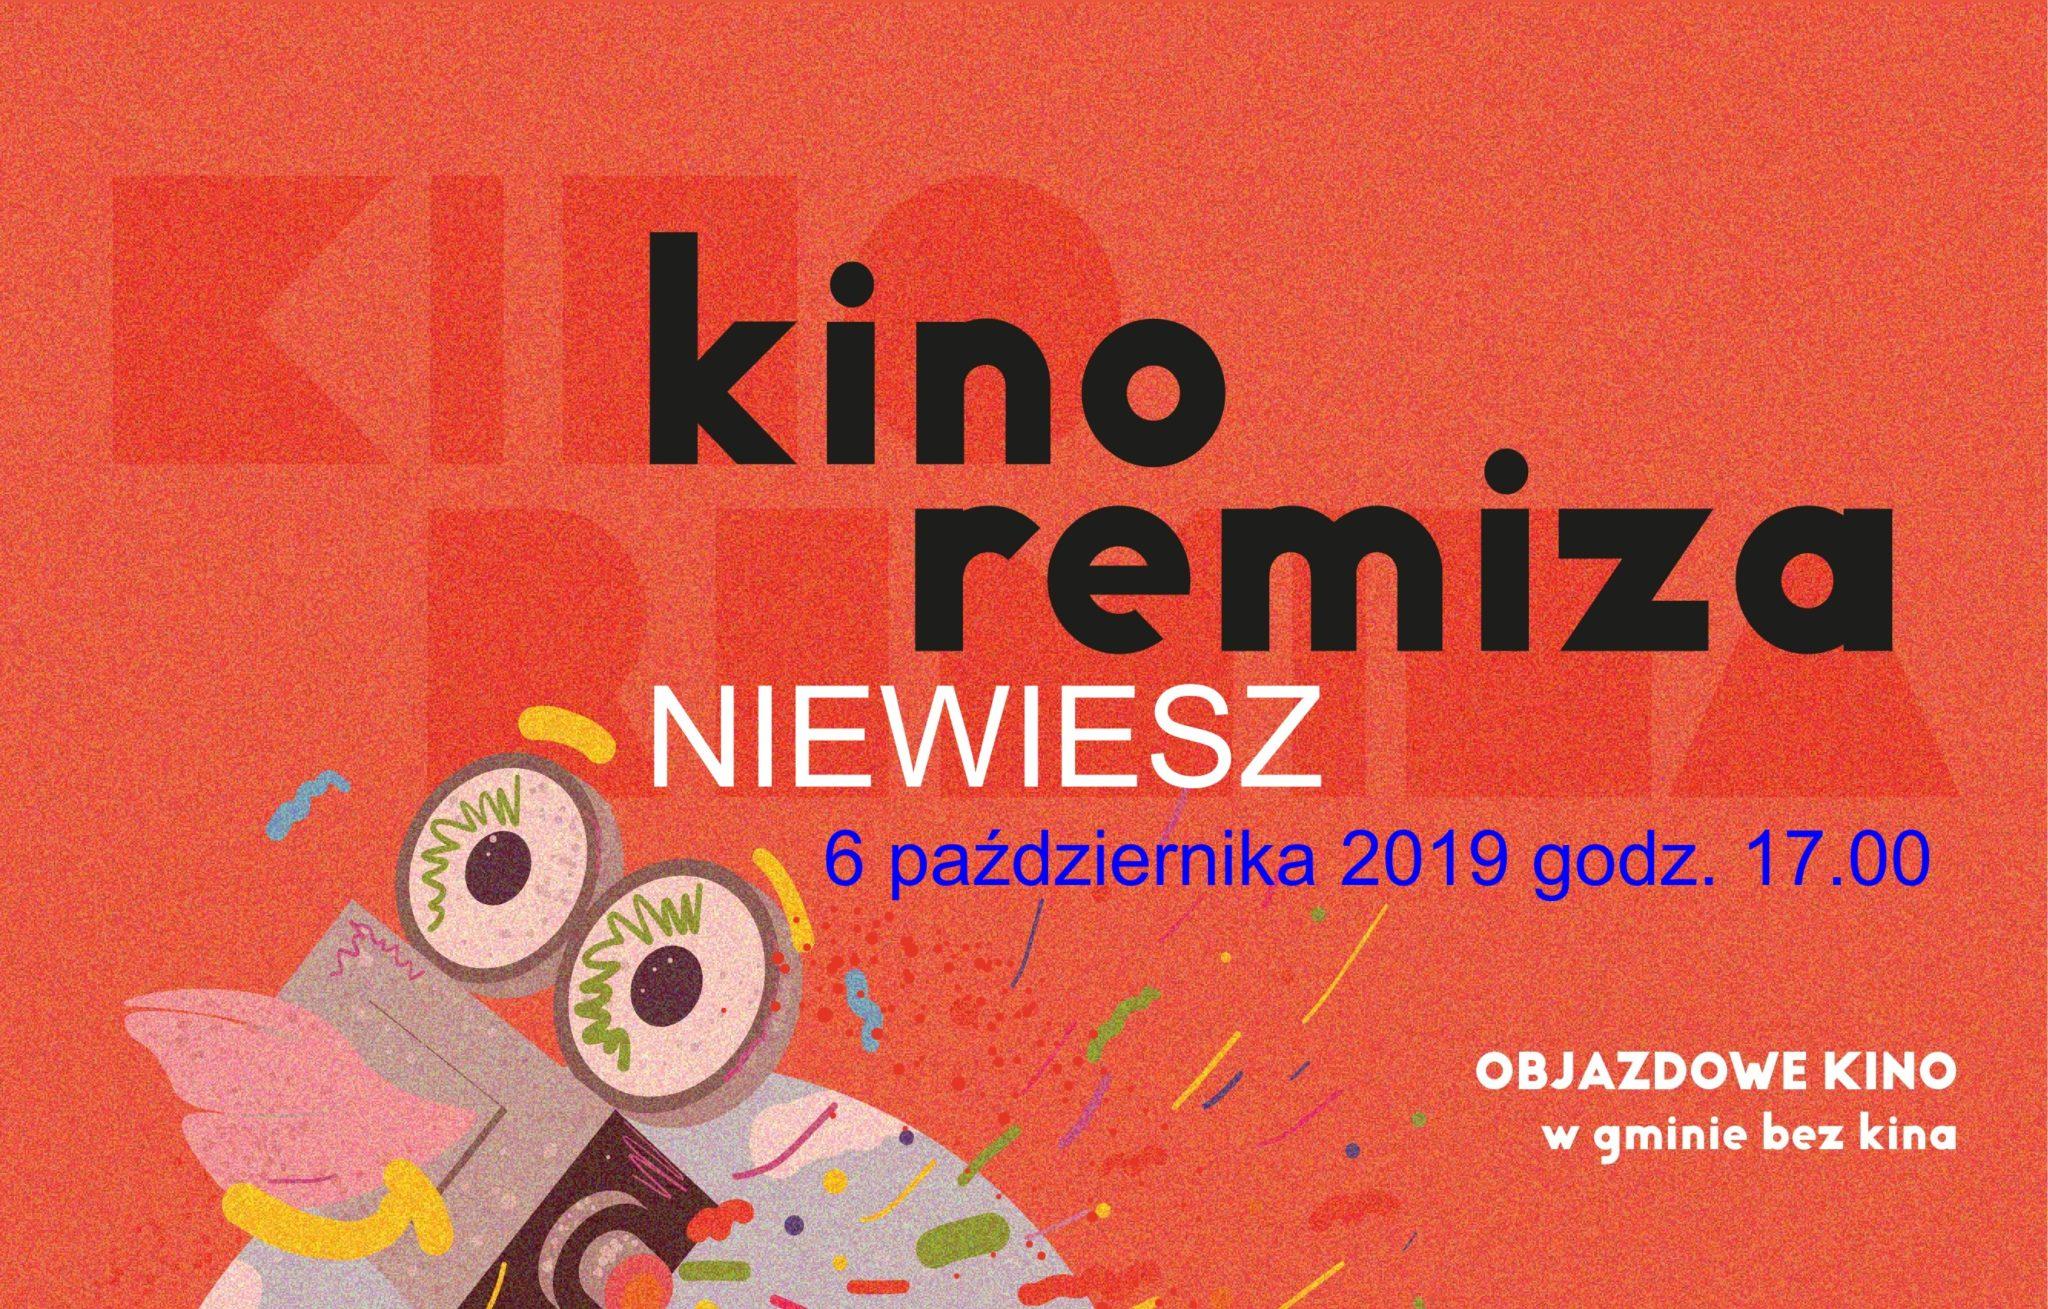 Kino Remiza w Niewieszu spotkanie 4